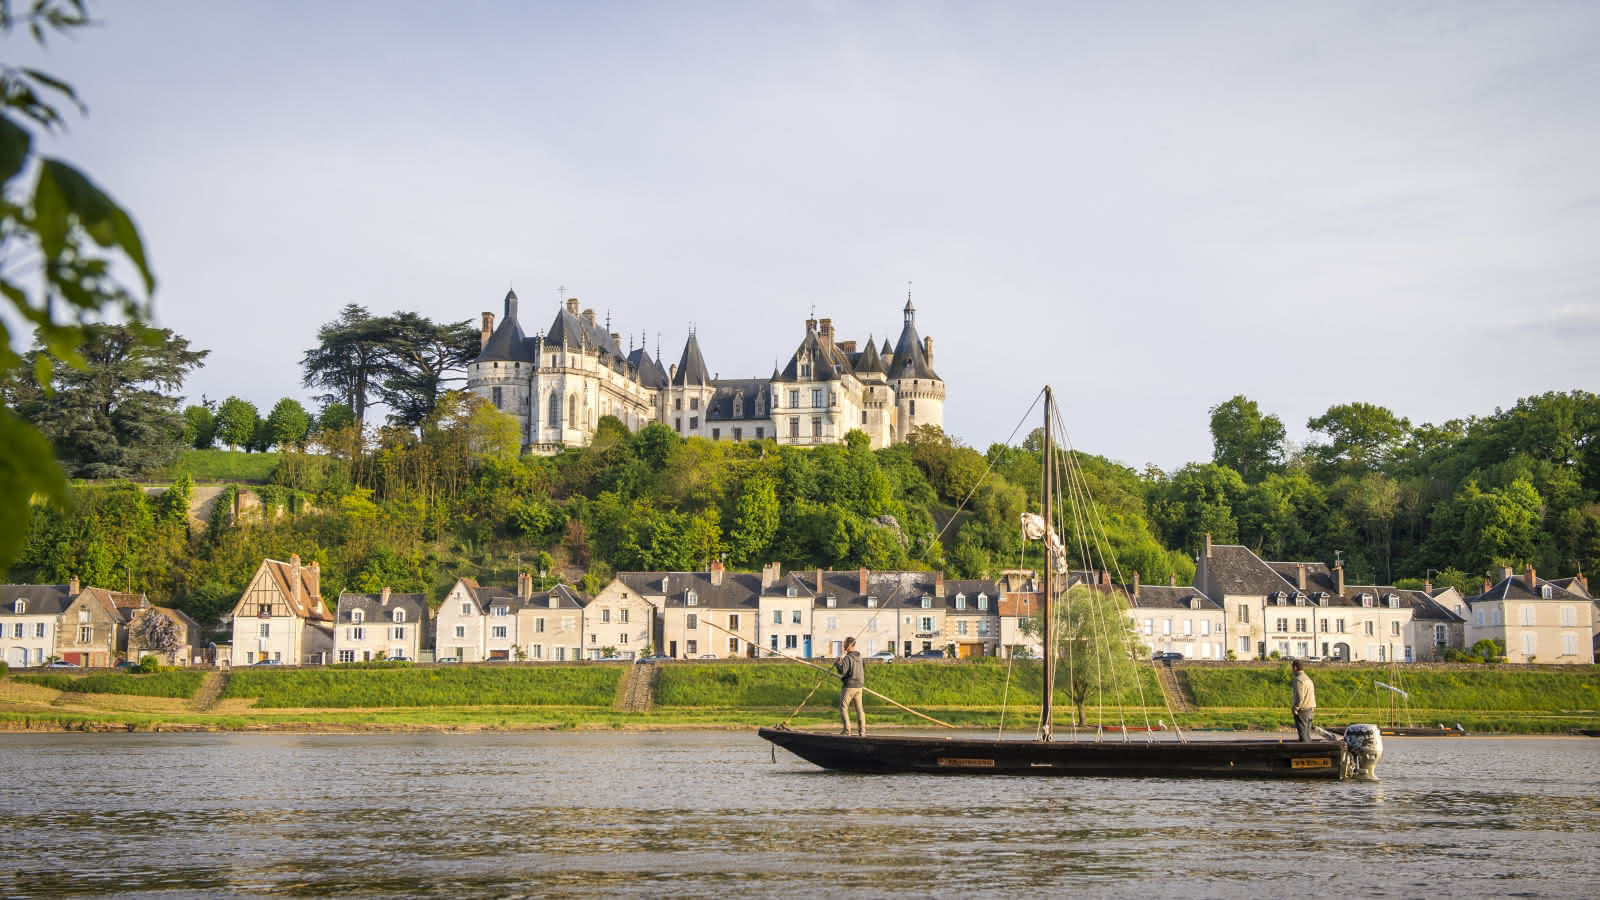 chateau-chaumont-sur-loirecyril-chigot-conseil-departemental-41-12